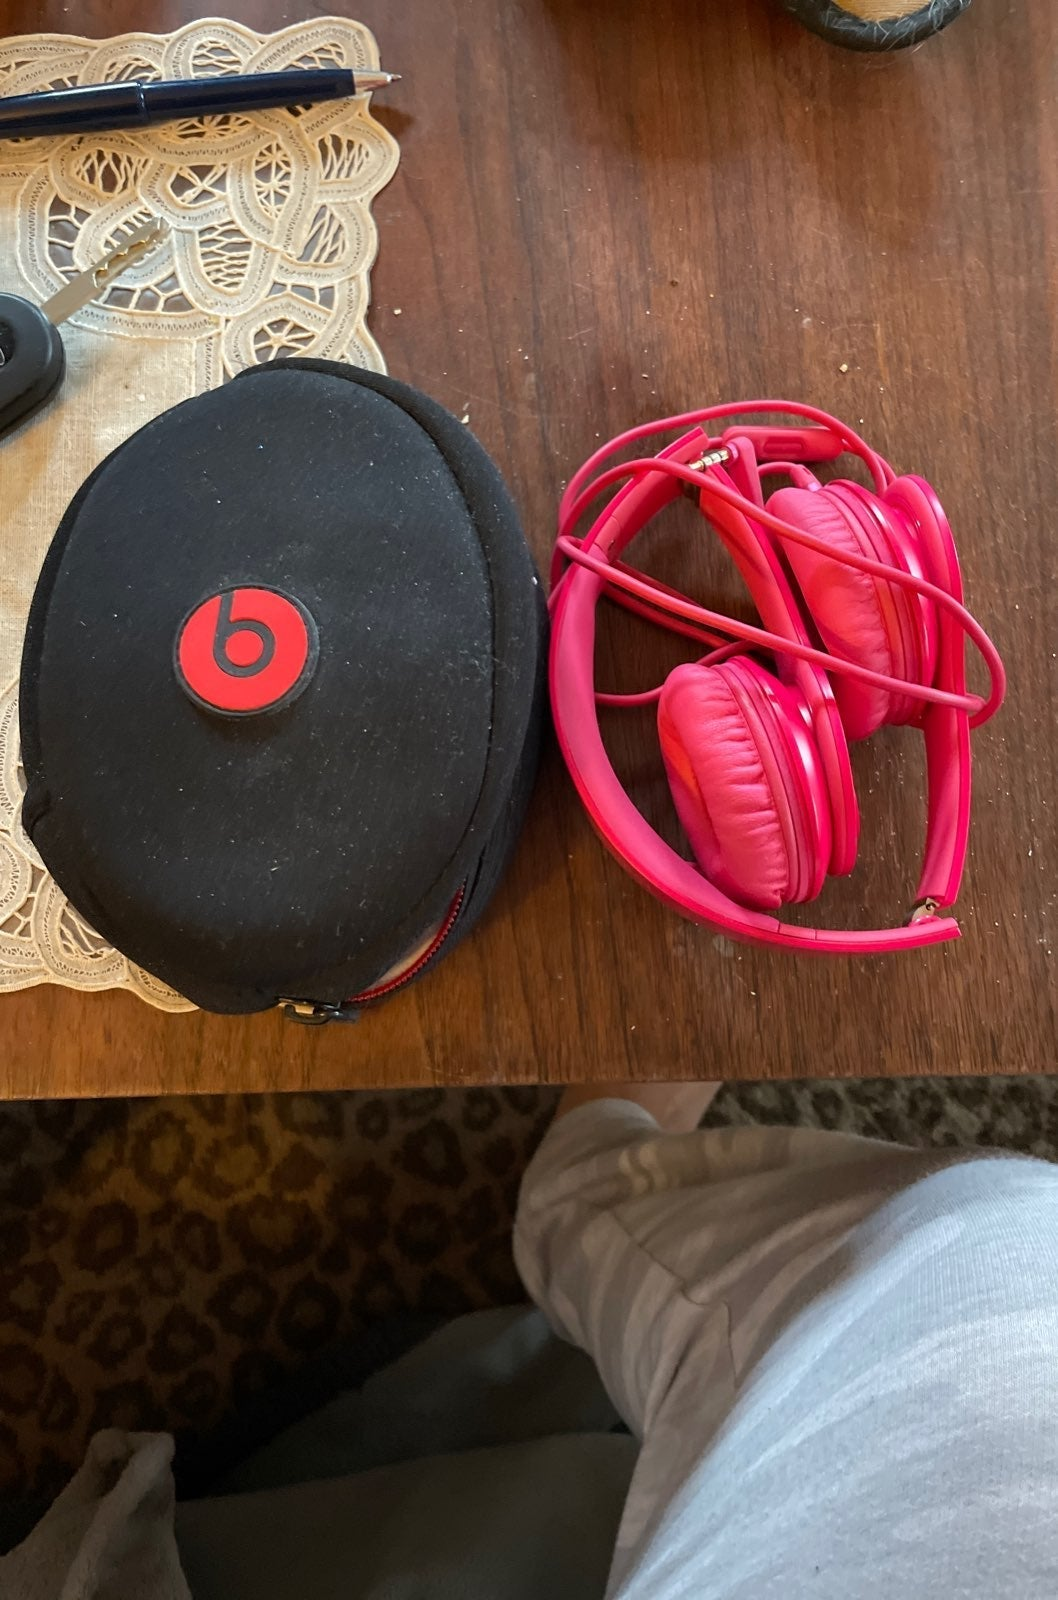 Beats by Dr. Dre Beats Solo2